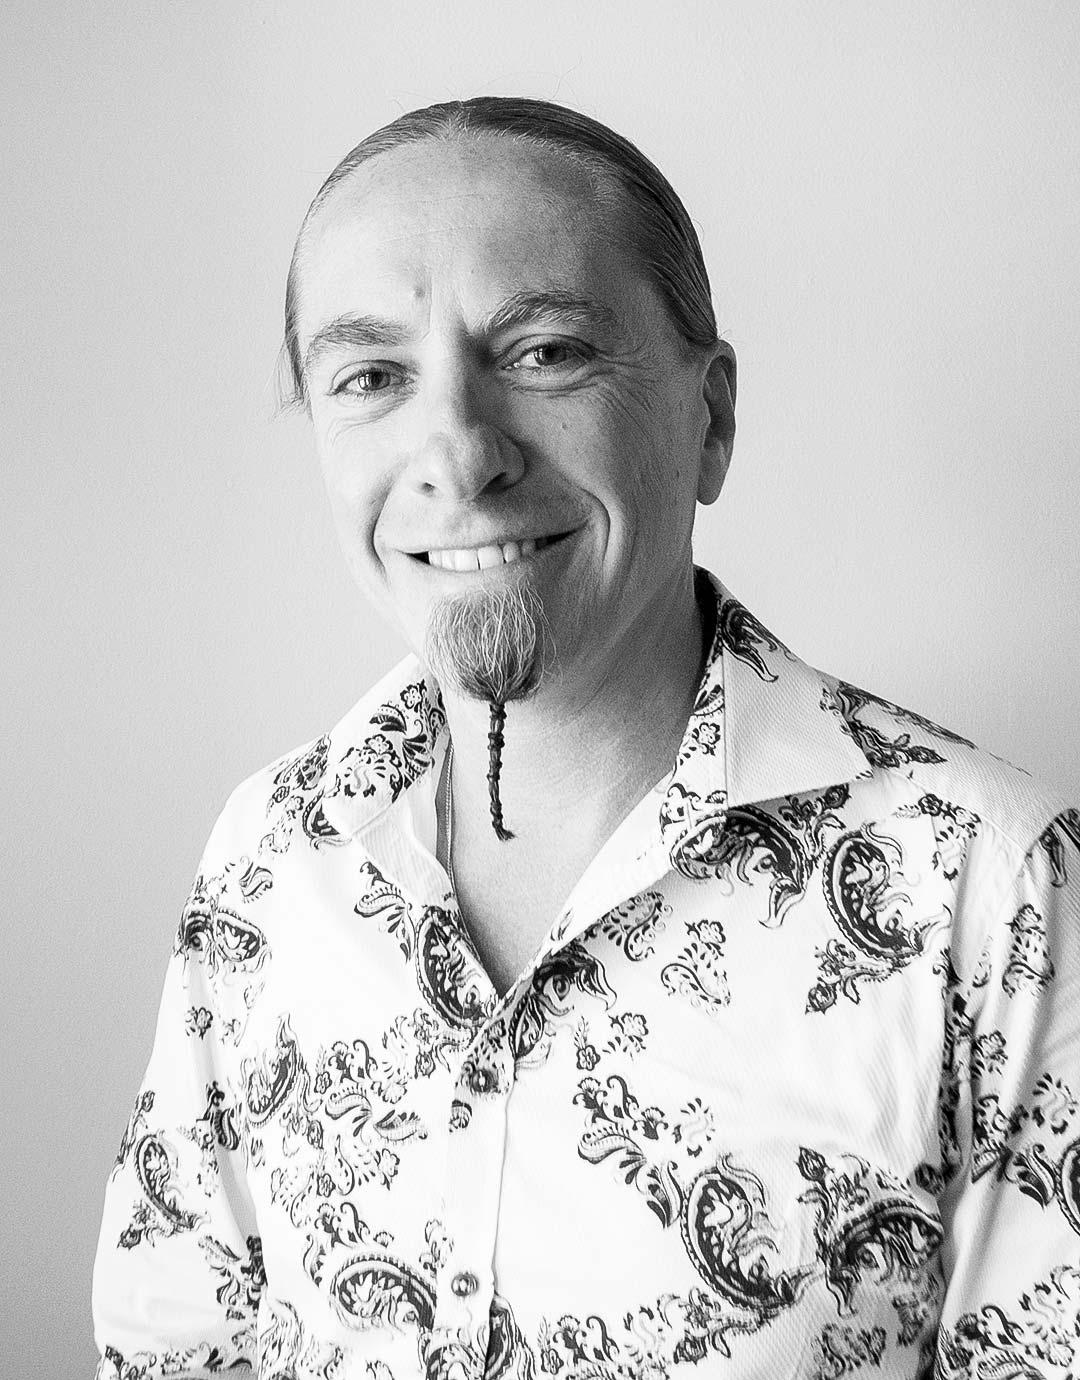 Anders Östman